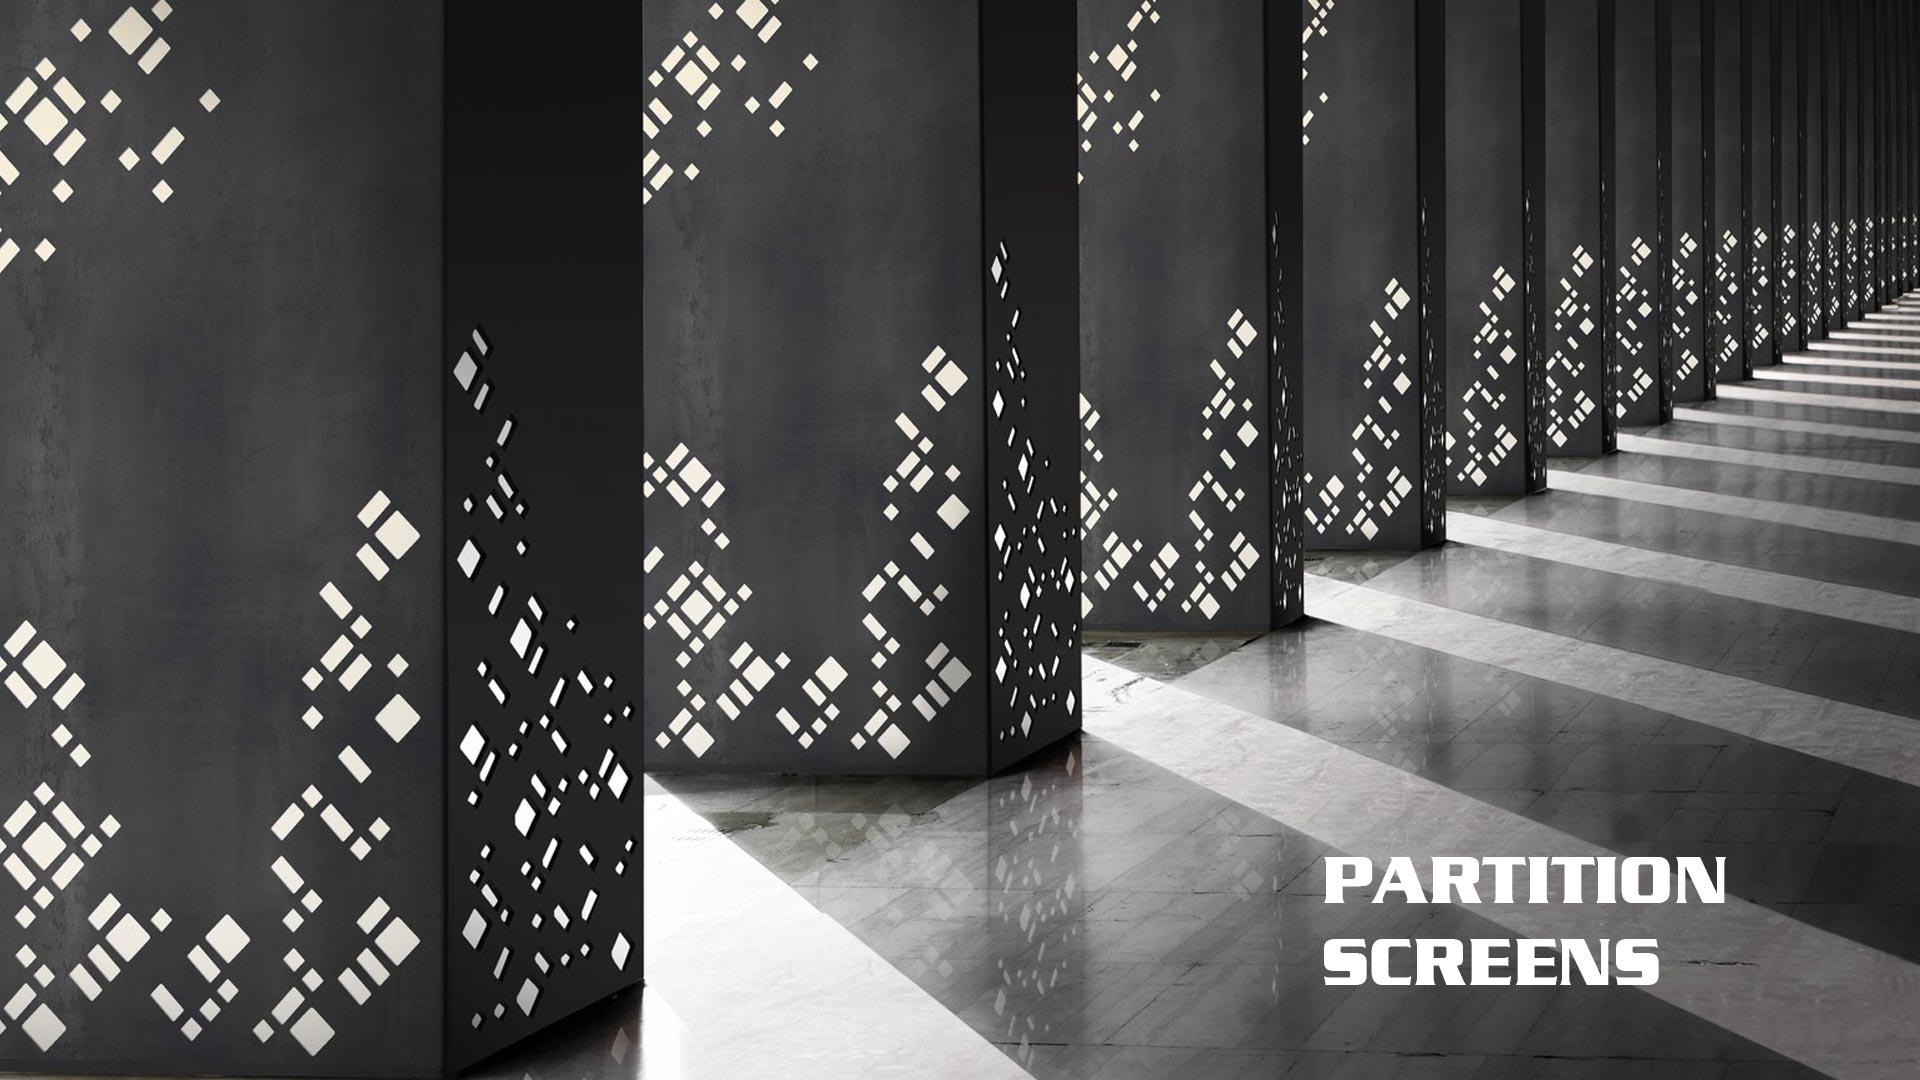 partiton-screen-carousel-inquiry